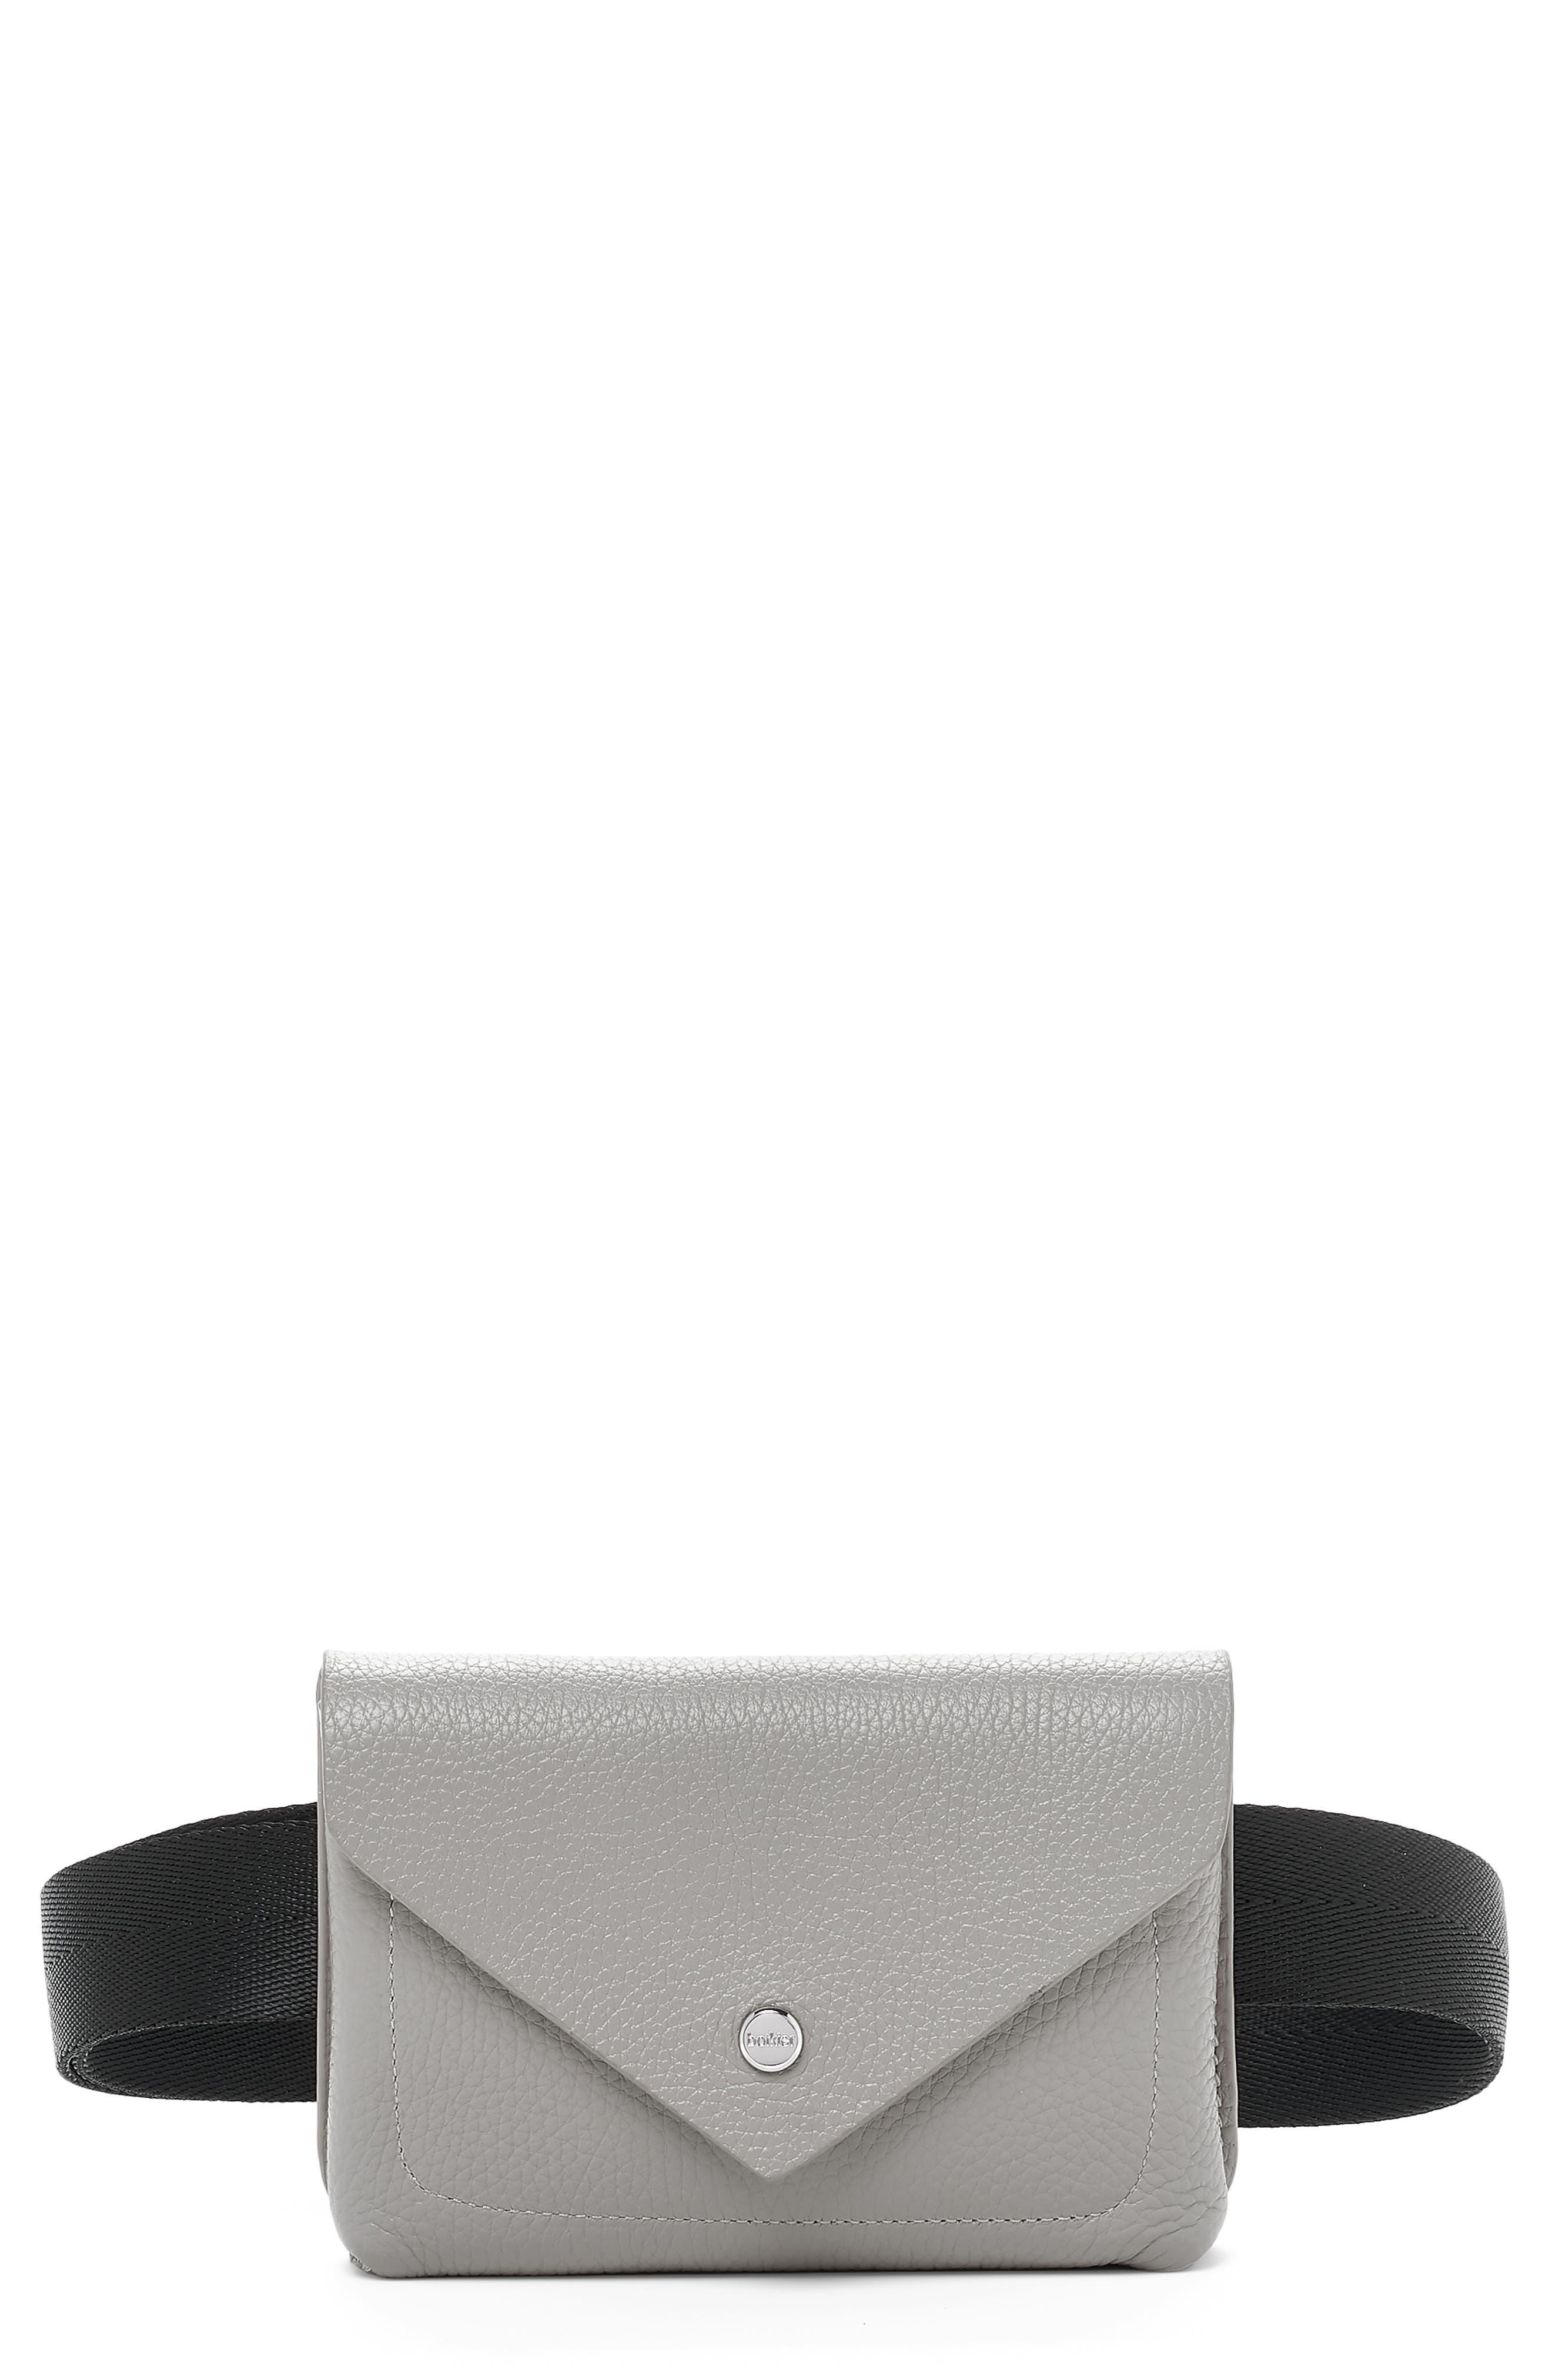 BOTKIER Vivi Calfskin Leather Belt Bag, Main, color, SILVER GREY